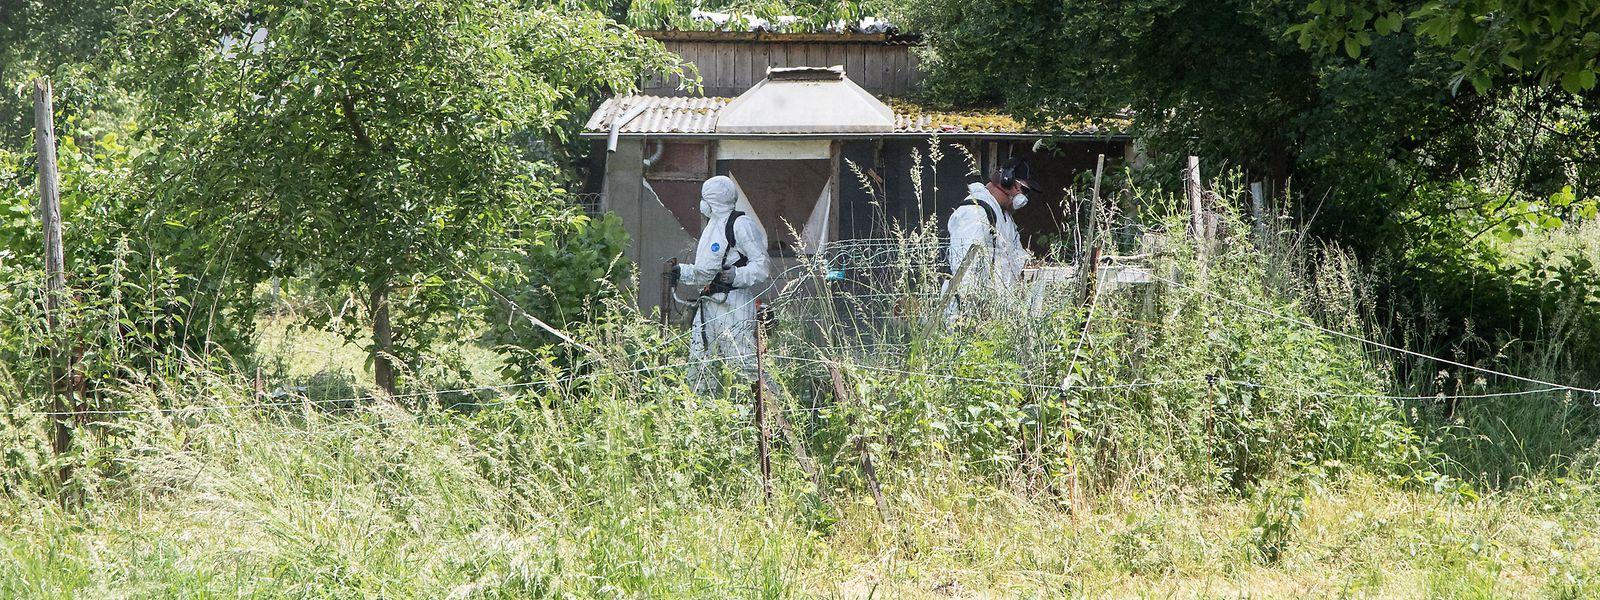 Am 30. Mai 2018 wird in dieser verlassenen Schrebergartenanlage inmitten eines Wohnviertels eine stark verweste Leiche entdeckt. Auch nach dem Prozess bleibt der Fall rätselhaft.